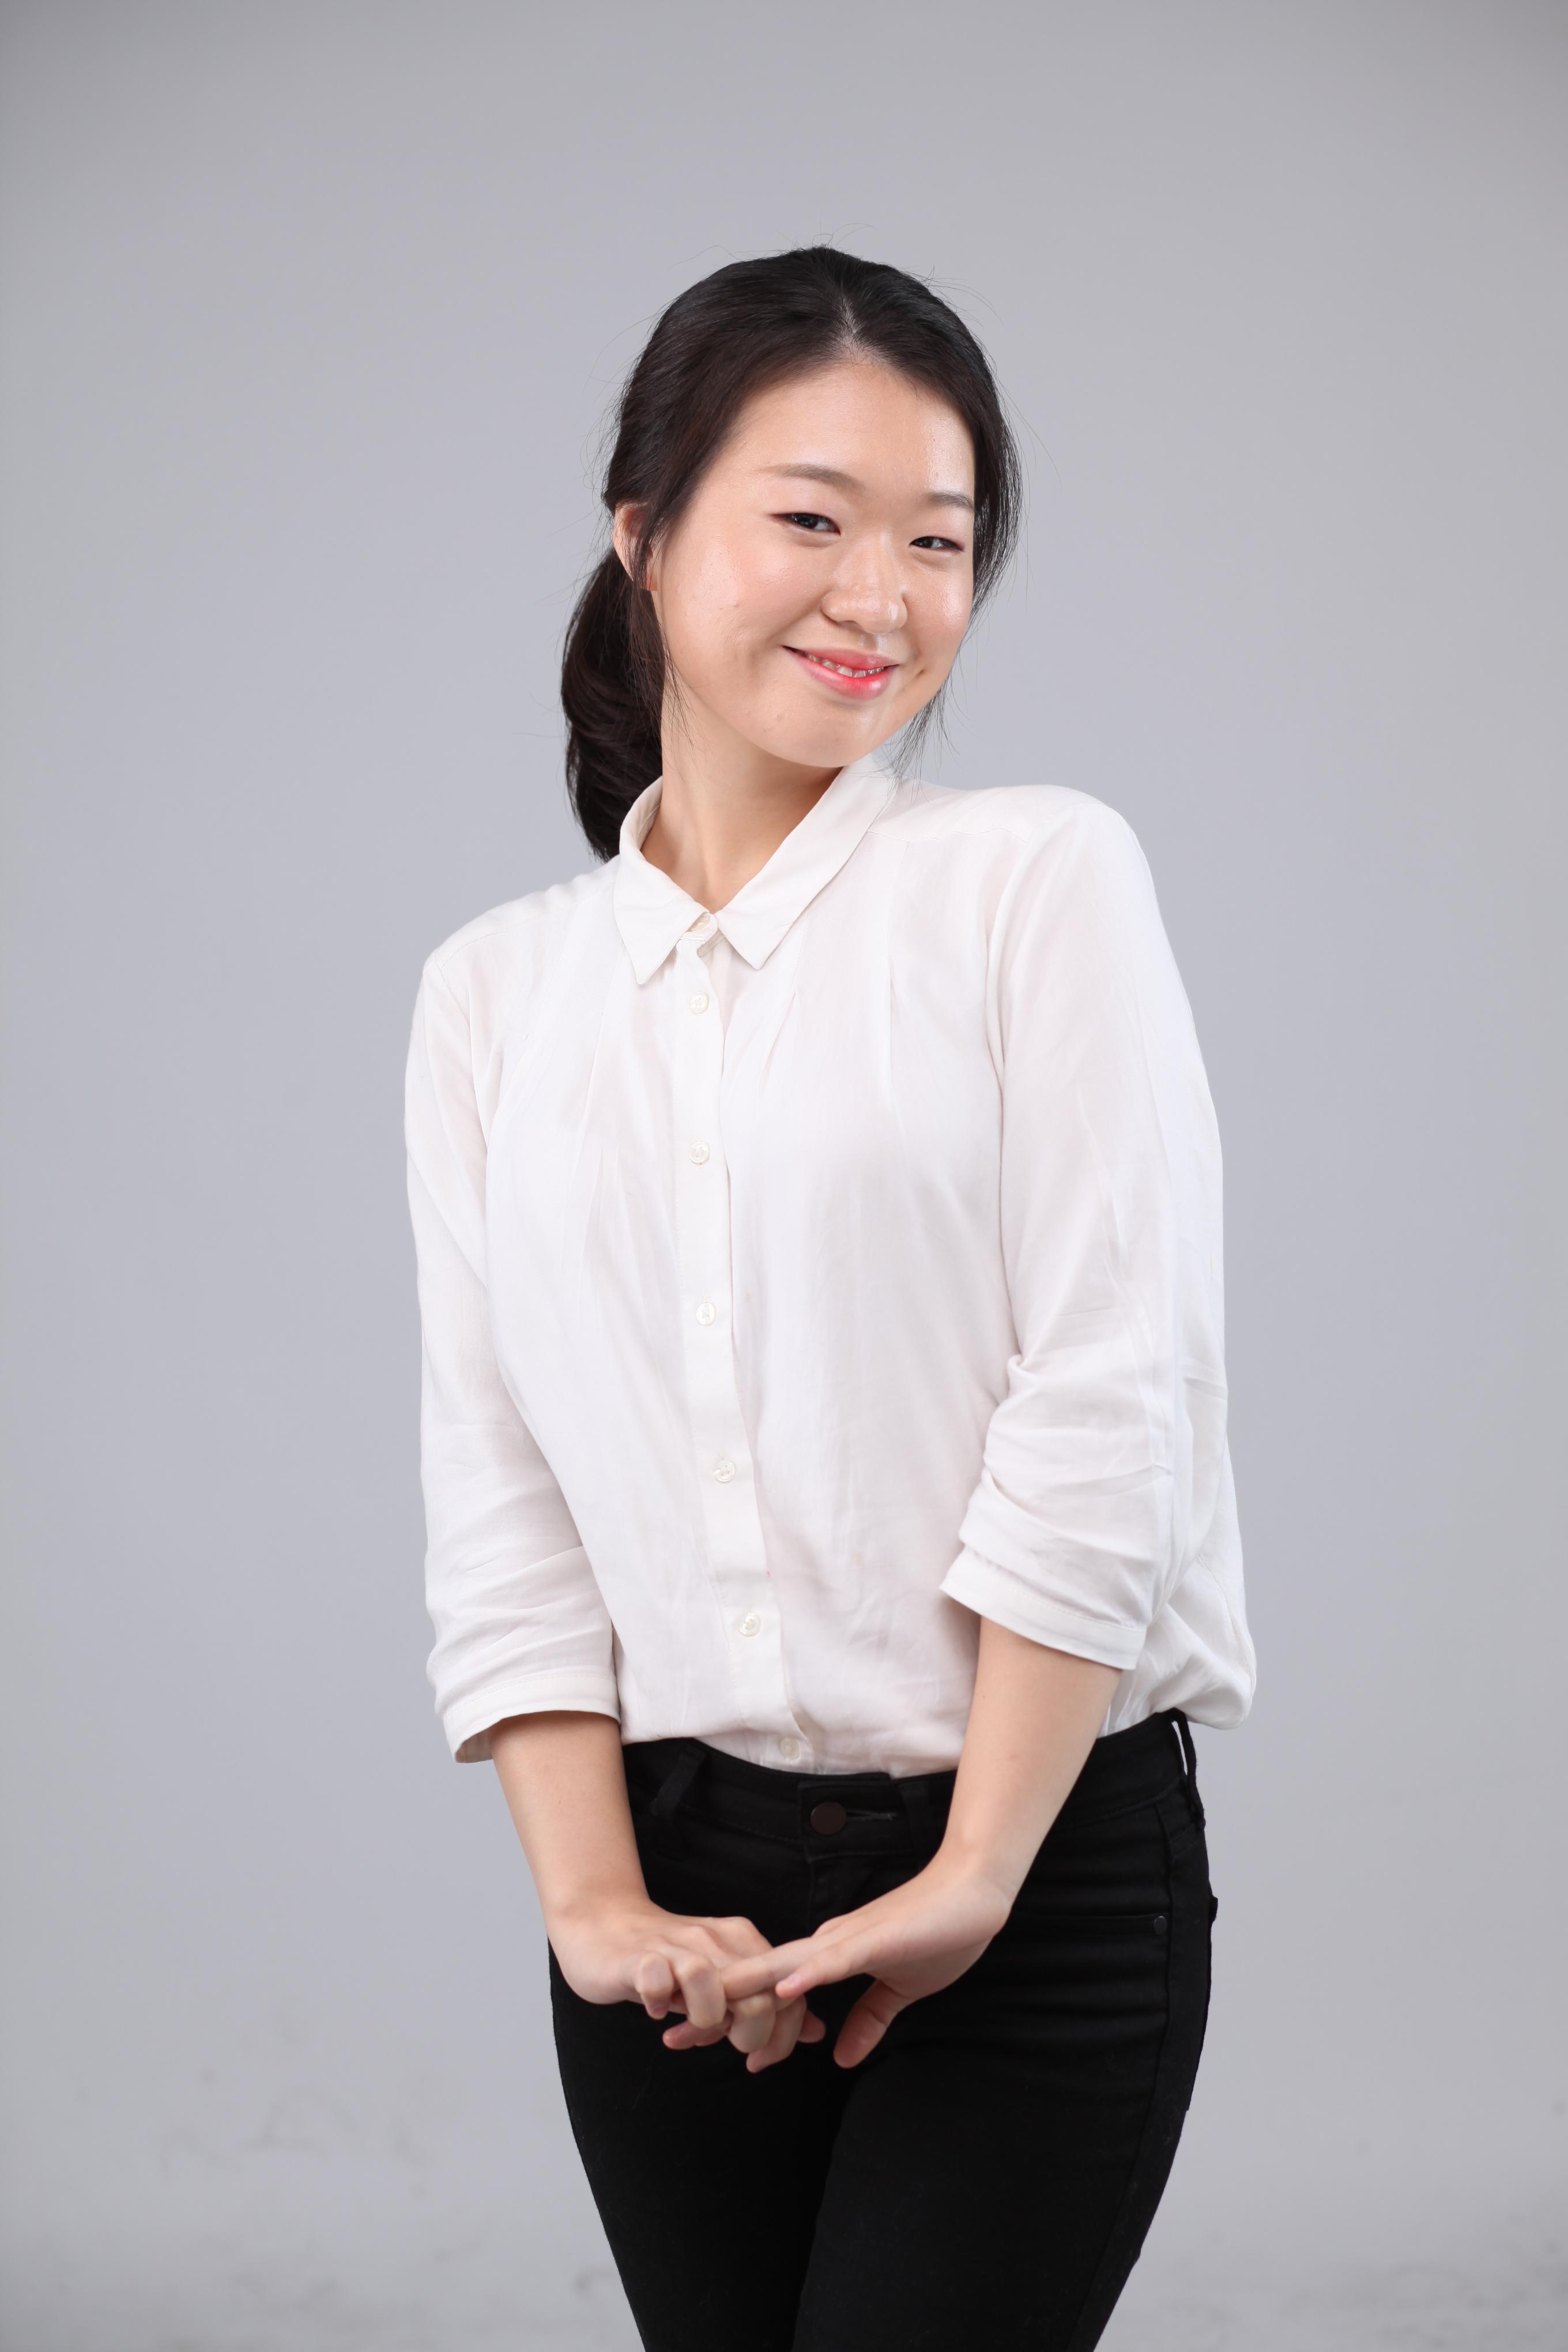 Kim Byeori